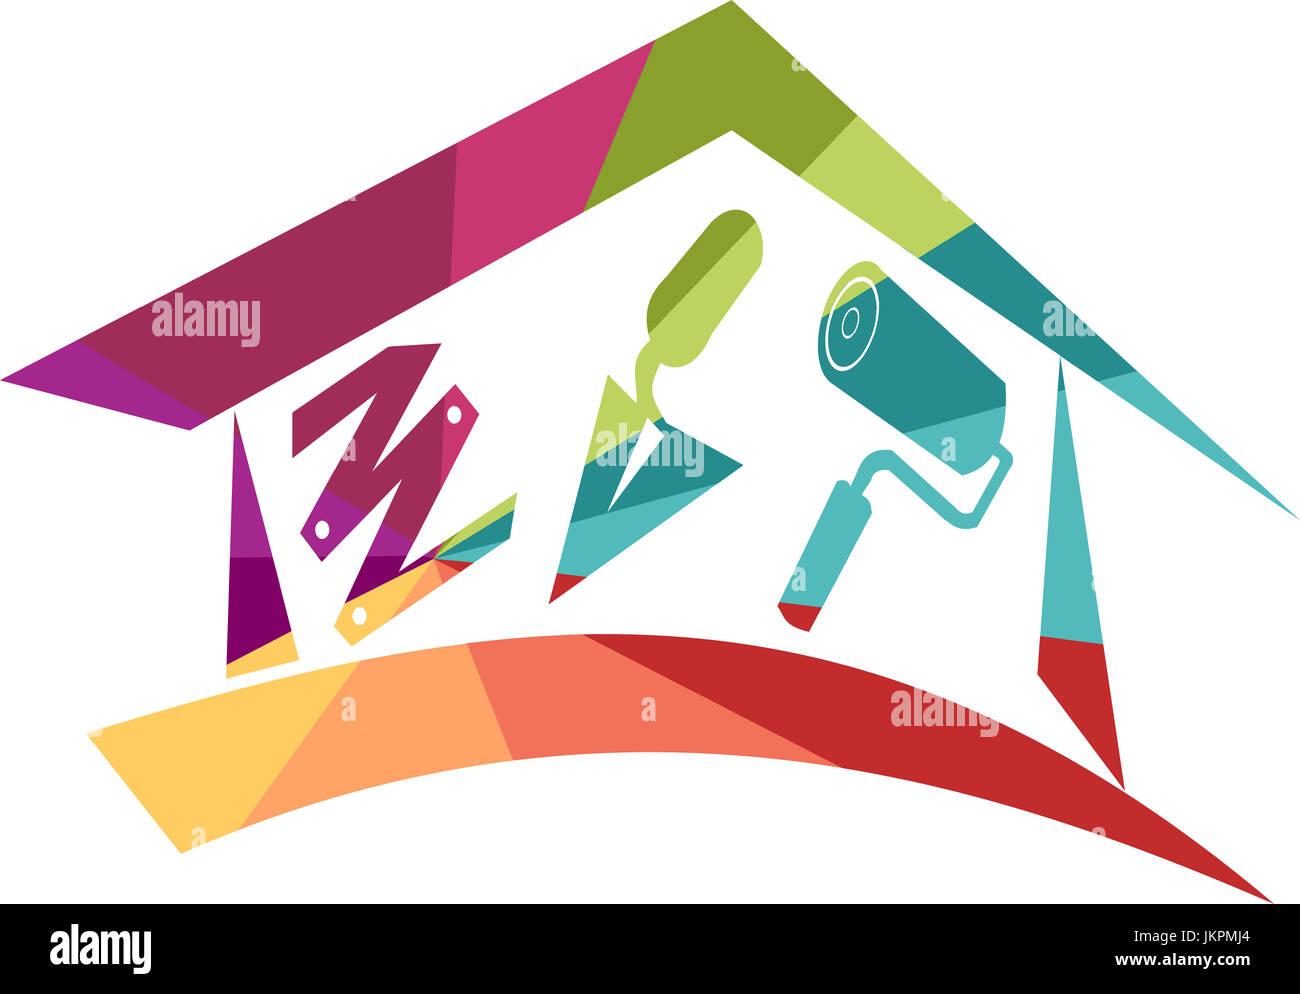 Muy Colorido Icono De Bricolaje Para Ilustrar Todo El Trabajo En Una - Trabajos-que-se-pueden-hacer-en-casa